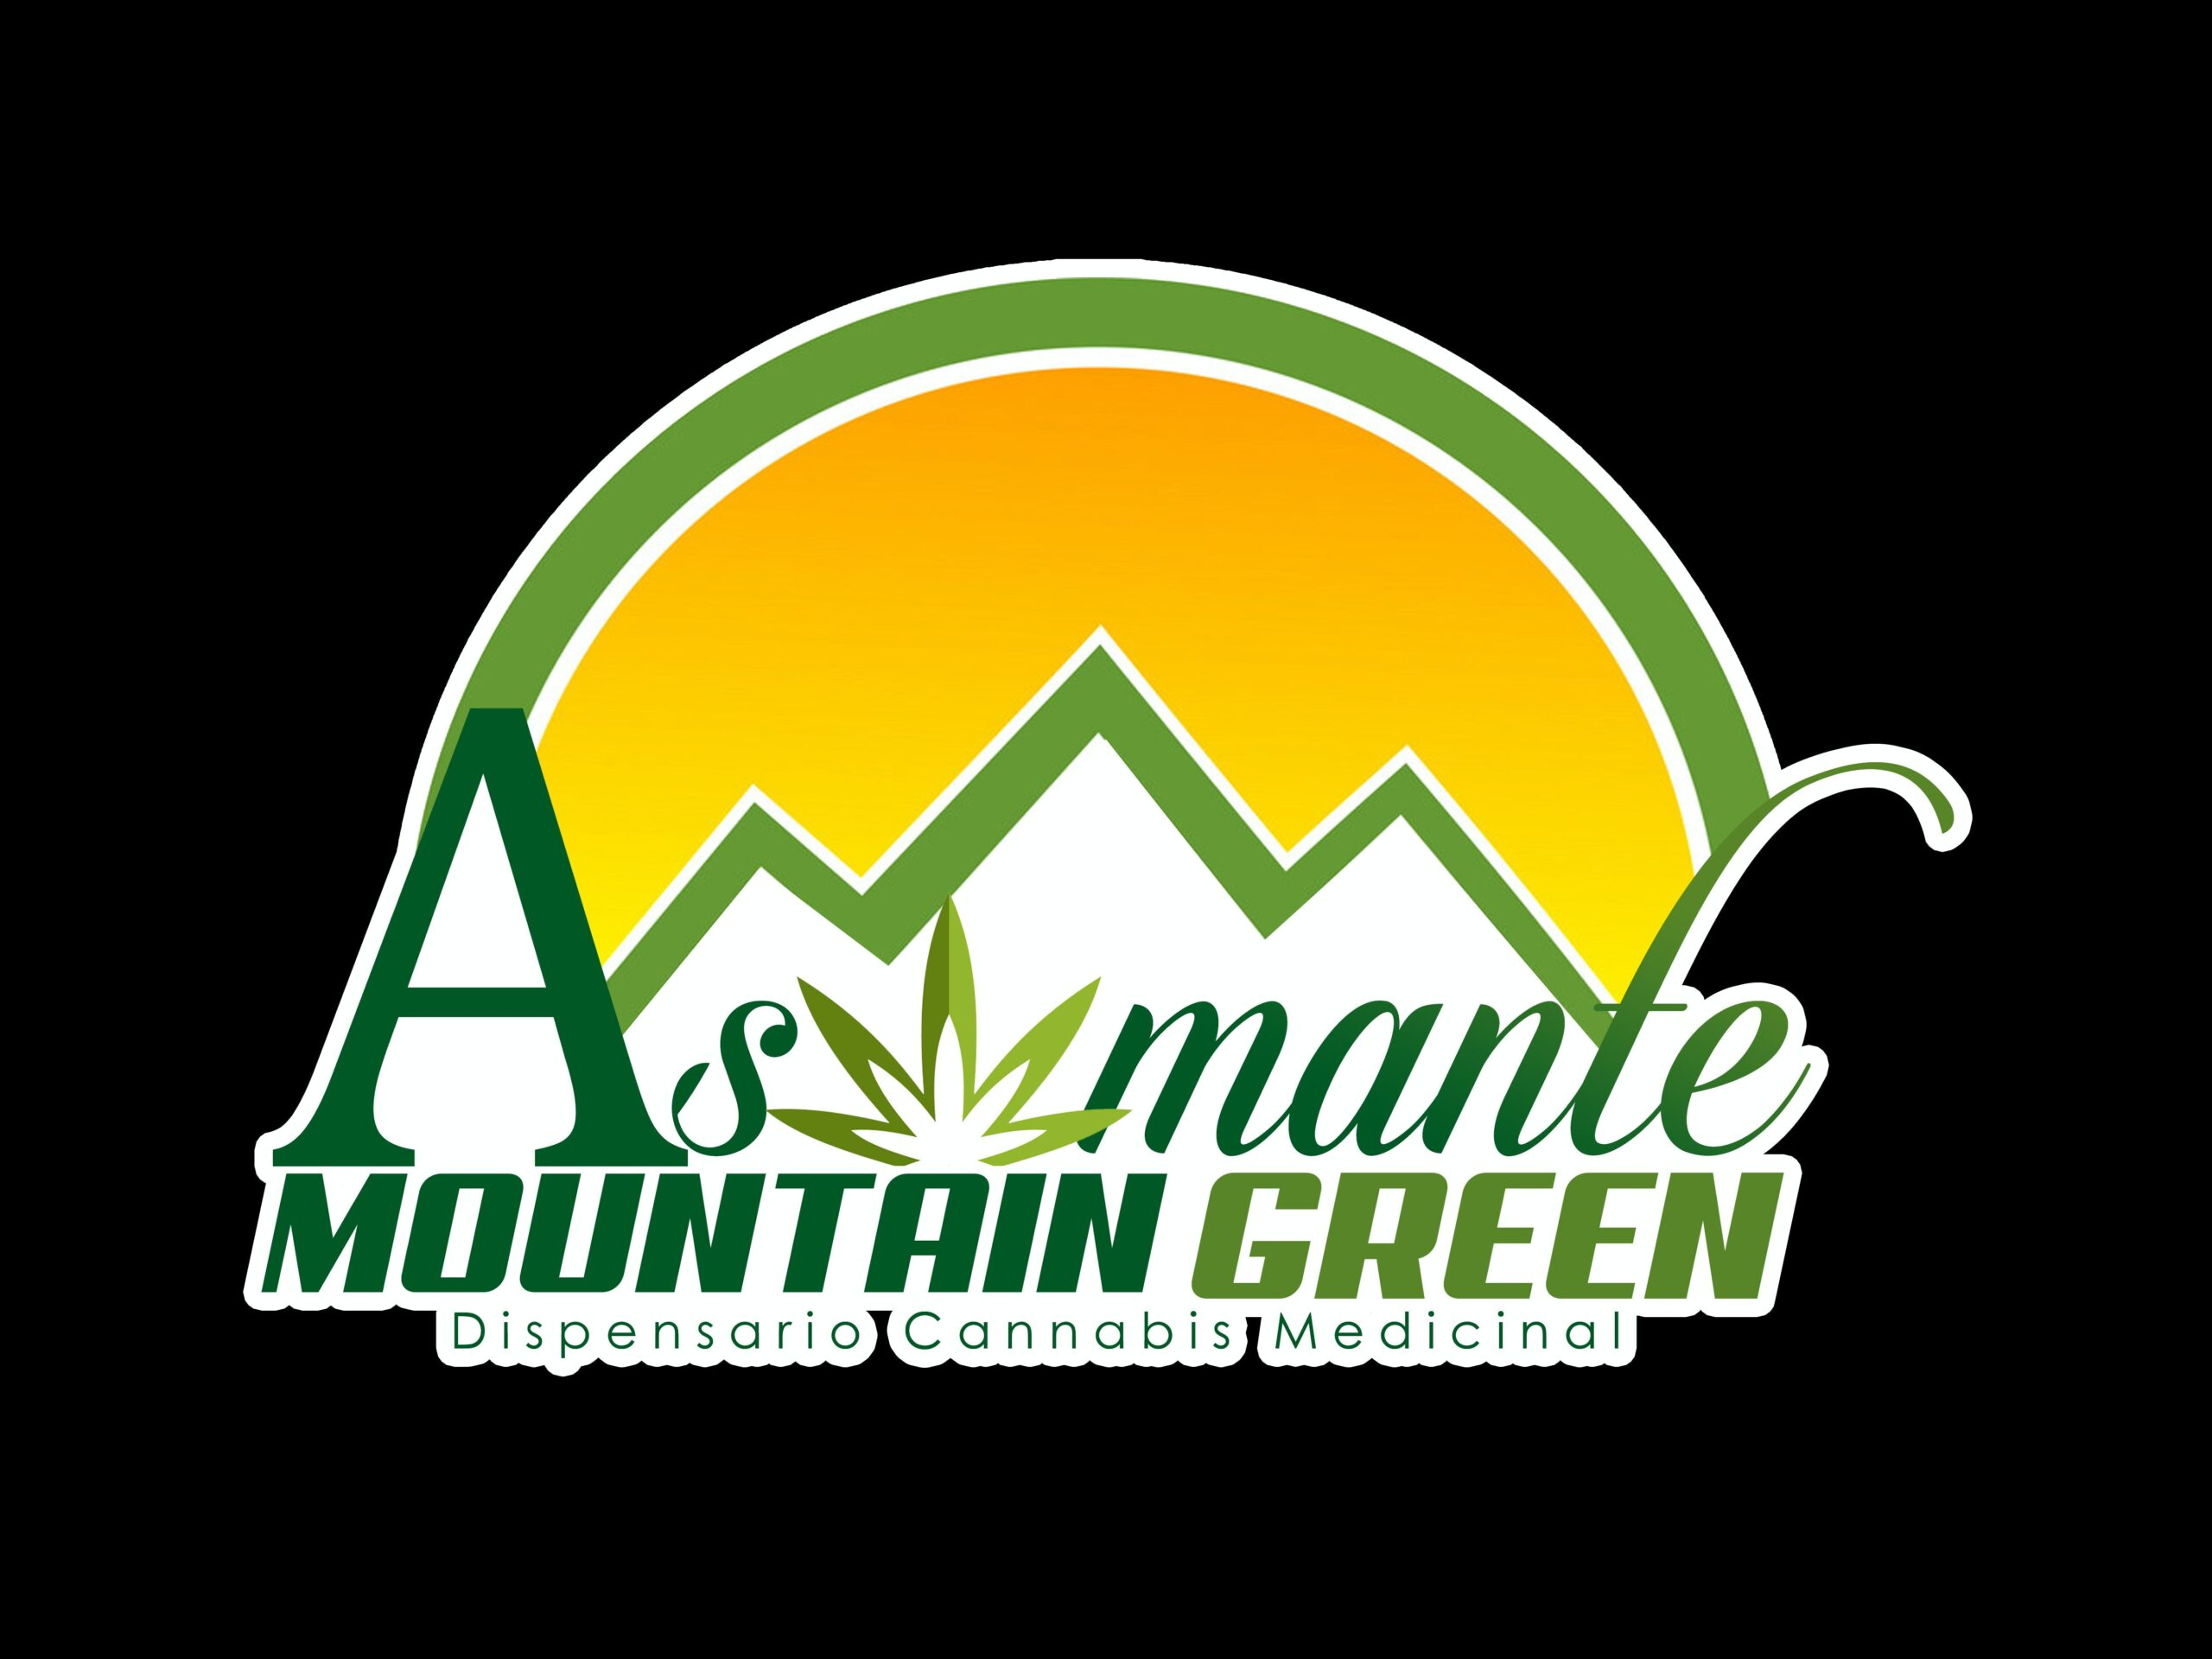 Asomante Mountain Green